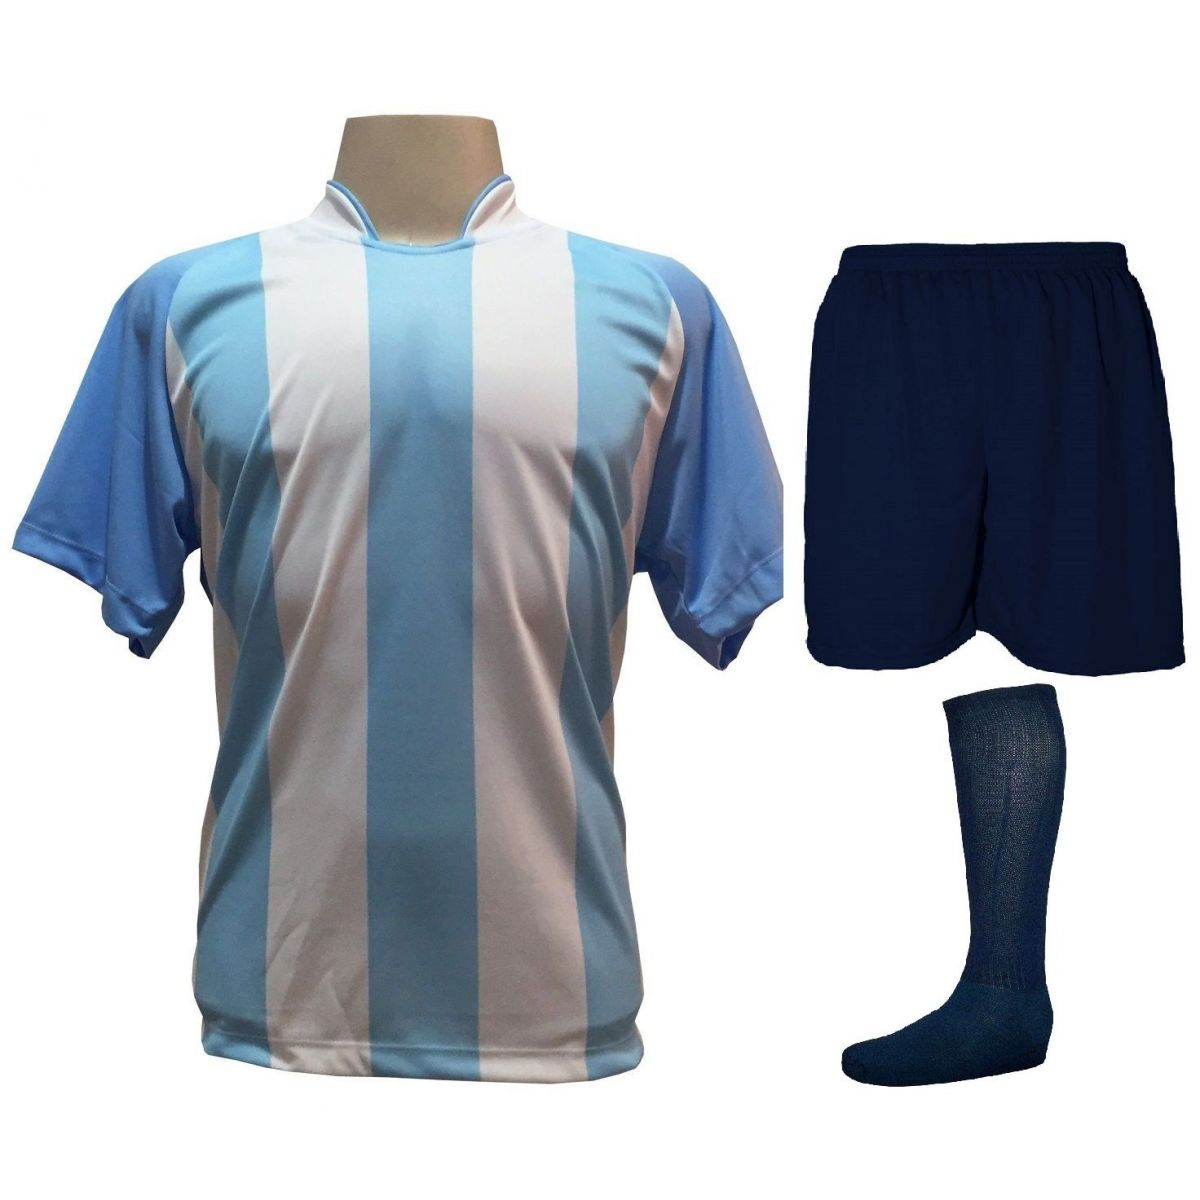 Fardamento Completo modelo Milan 18+2 (18 Camisas Celeste/Branco + 18 Calções Madrid Marinho + 18 Pares de Meiões Marinho + 2 Conjuntos de Goleiro) + Brindes